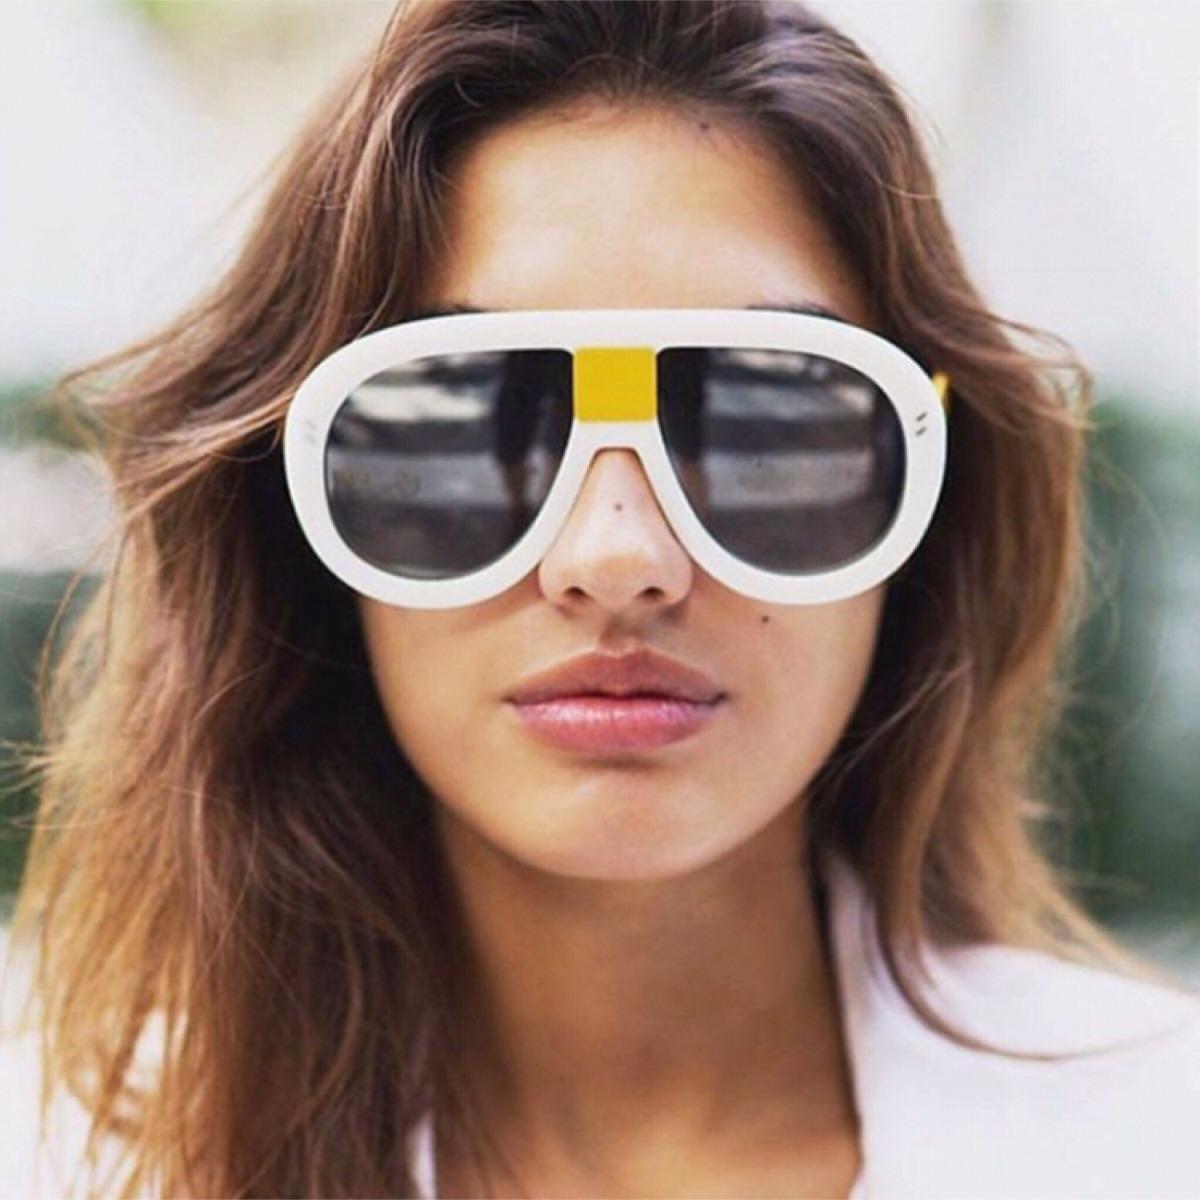 ffccd5d5a196d óculos grande dimensões branco. Carregando zoom.